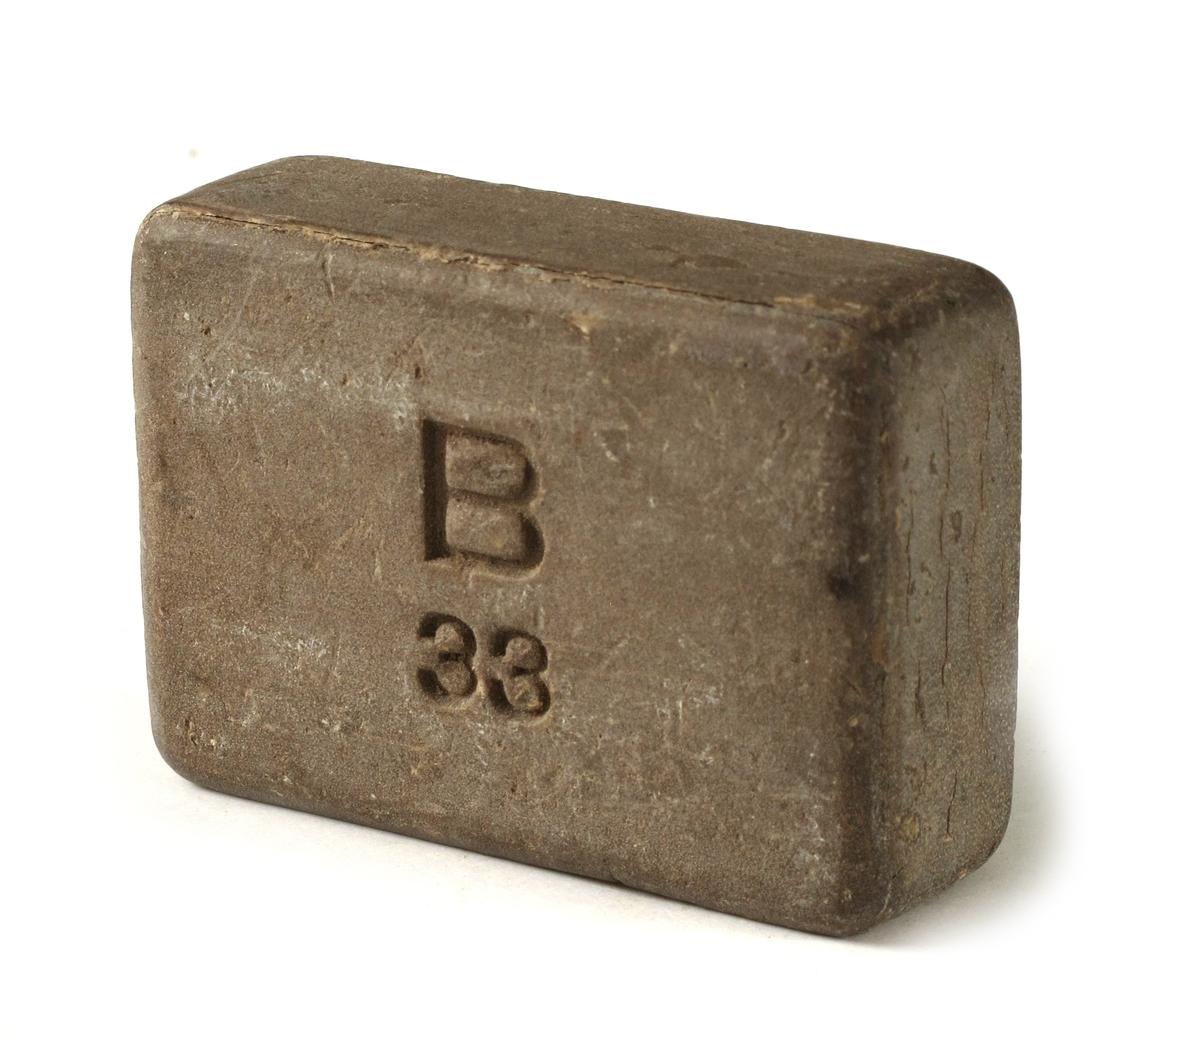 Et stykke grågul sepe, rette sider, lett hjørner. Stemplet på den ene side:   B / 33.  Tilst. jan. 1964: god, spor av musetenner.